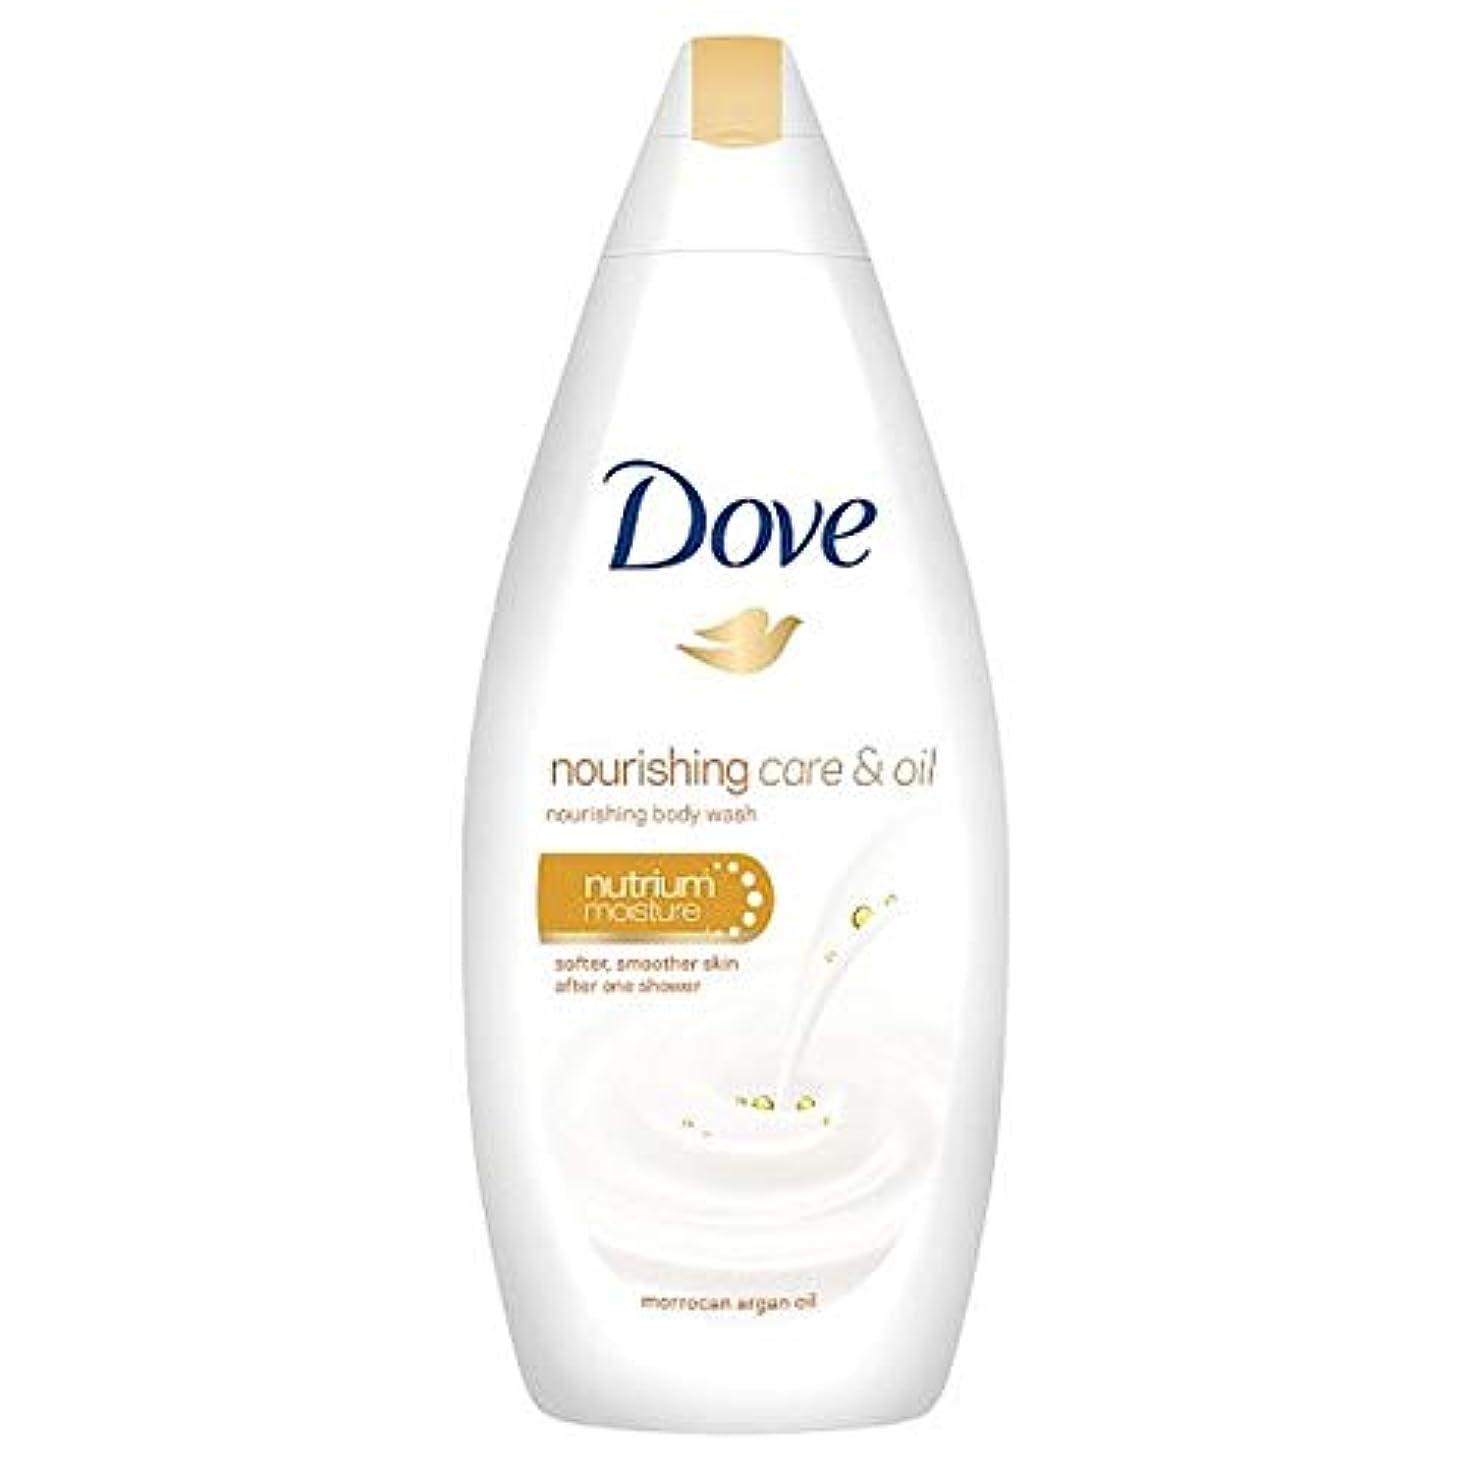 ヒール標準項目[Dove] 鳩栄養ケアとオイルボディウォッシュ250ミリリットル - Dove Nourishing Care And Oil Body Wash 250Ml [並行輸入品]